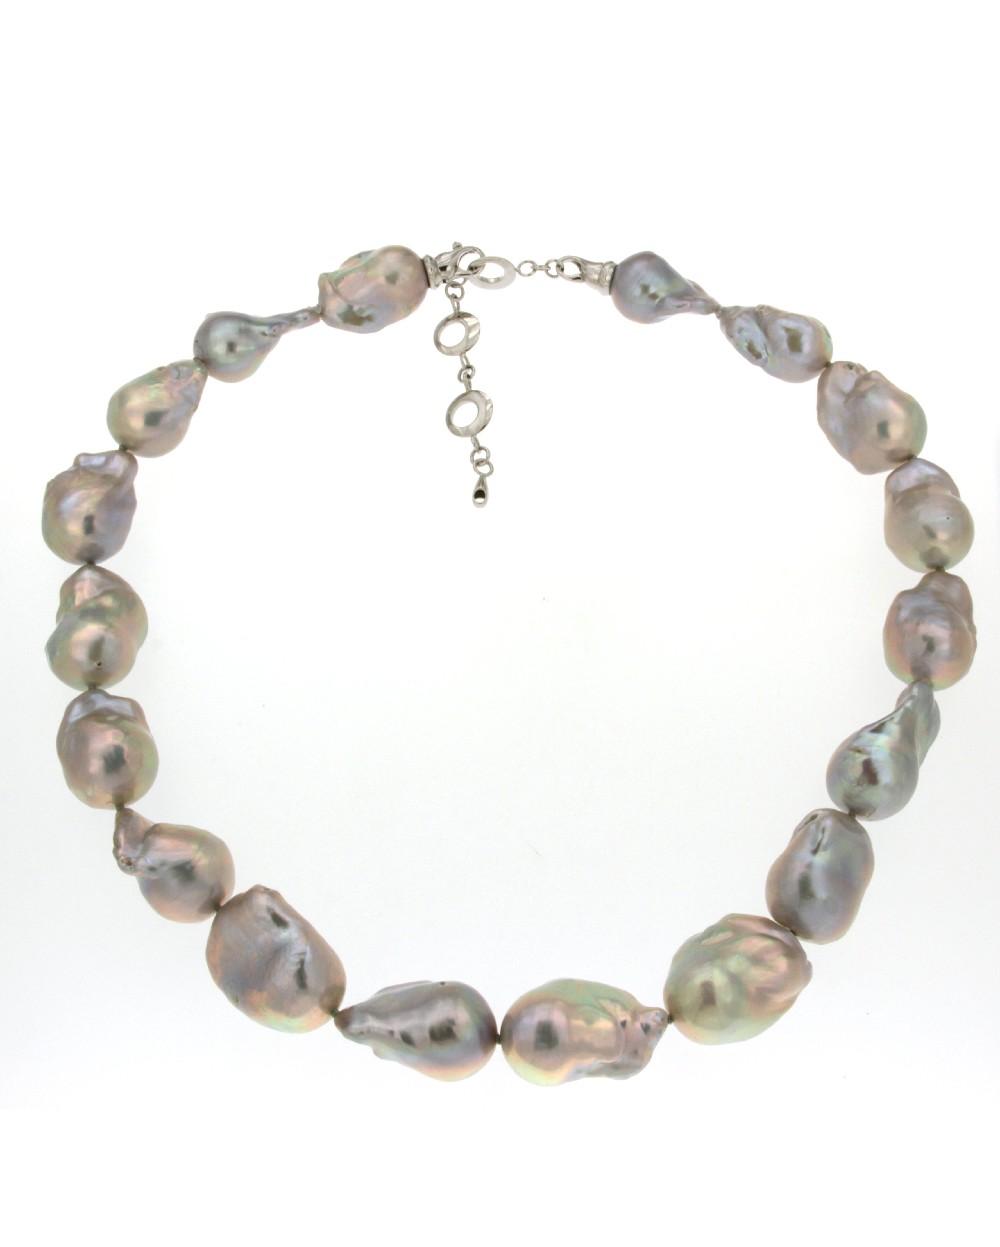 Κολιέ με μαργαριτάρια, Maritima Pearls